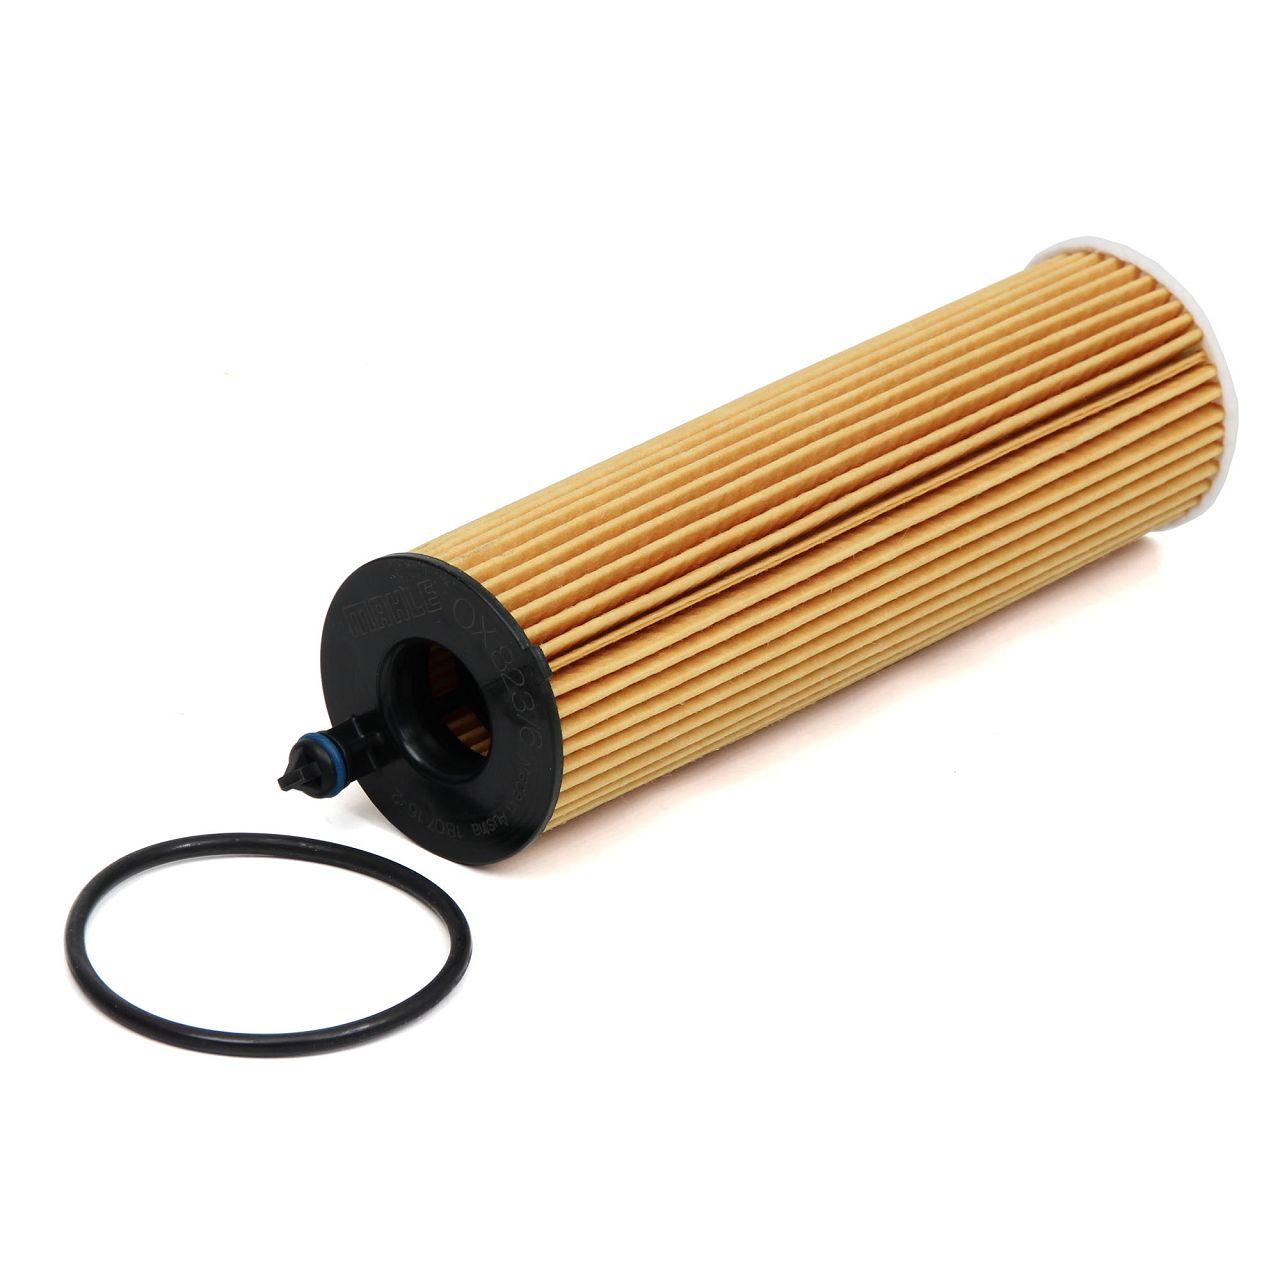 KNECHT / MAHLE Ölfilter OX823/6D für MERCEDES E-KLASSE W213 E220d 163/194 PS